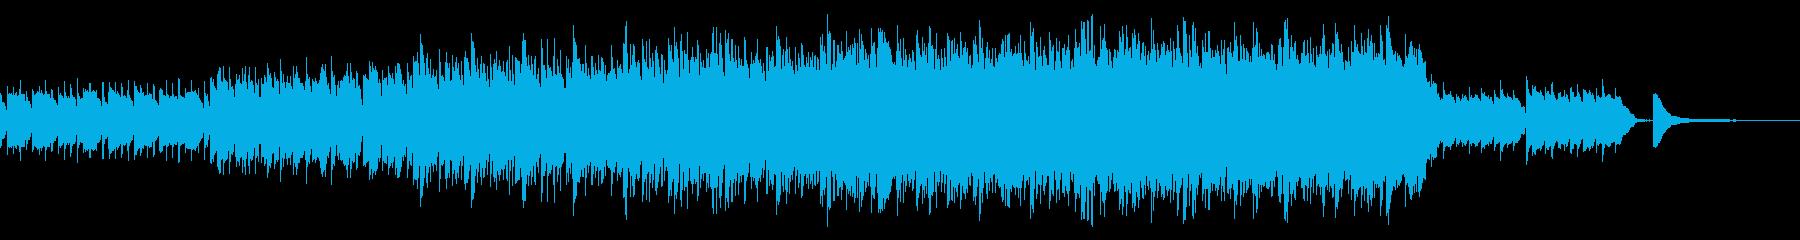 煌びやかで透明感あるピアノサウンドの再生済みの波形